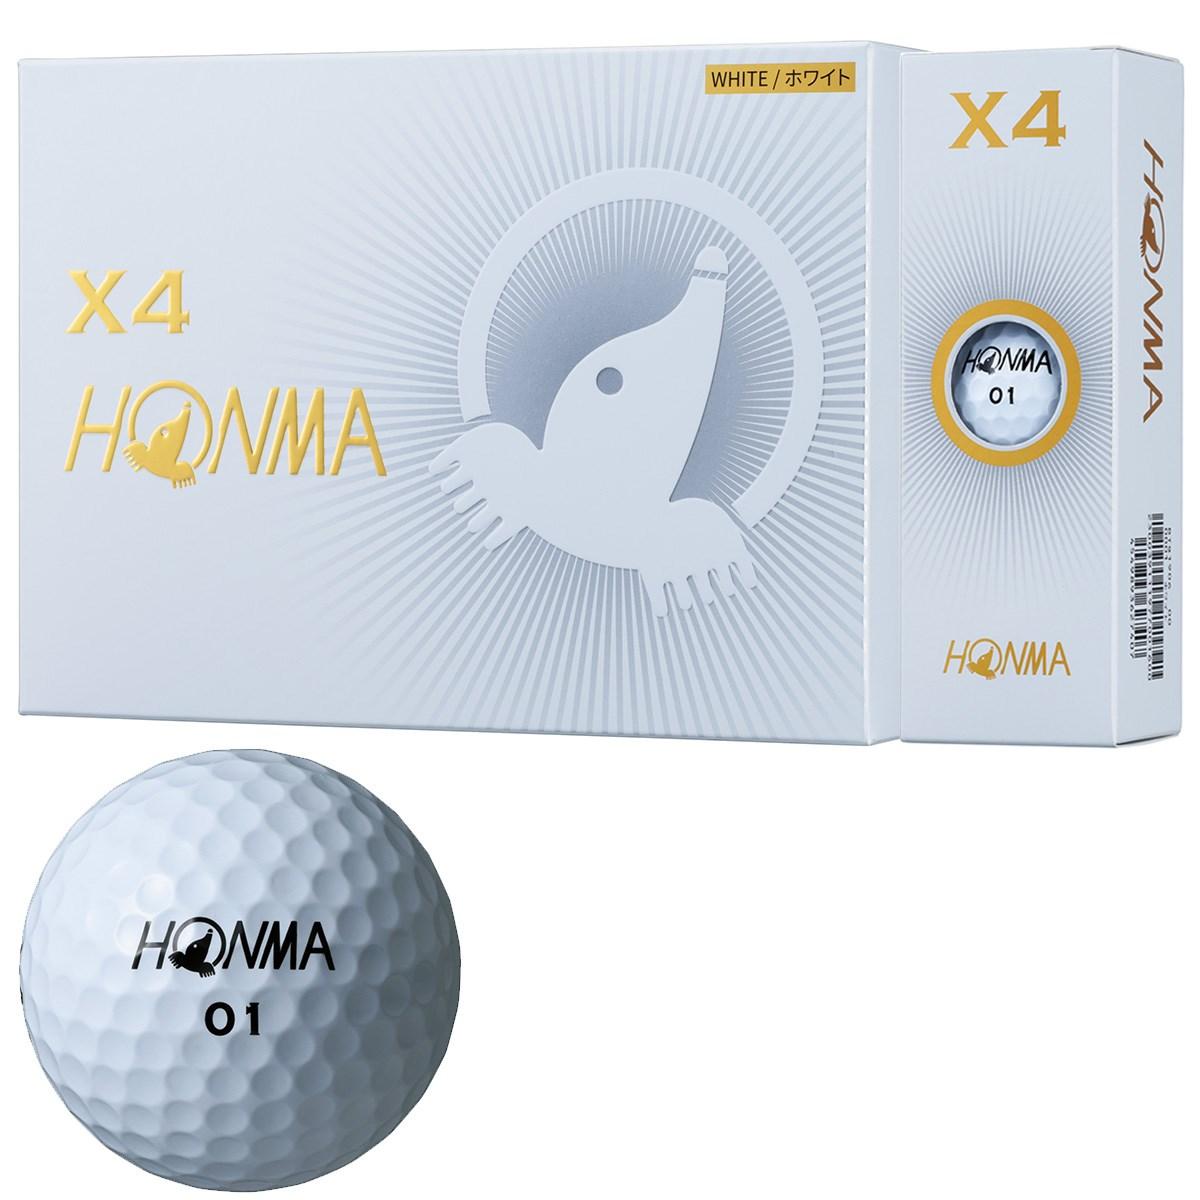 本間ゴルフ HONMA X4 ボール 1ダース(12個入り) ホワイト